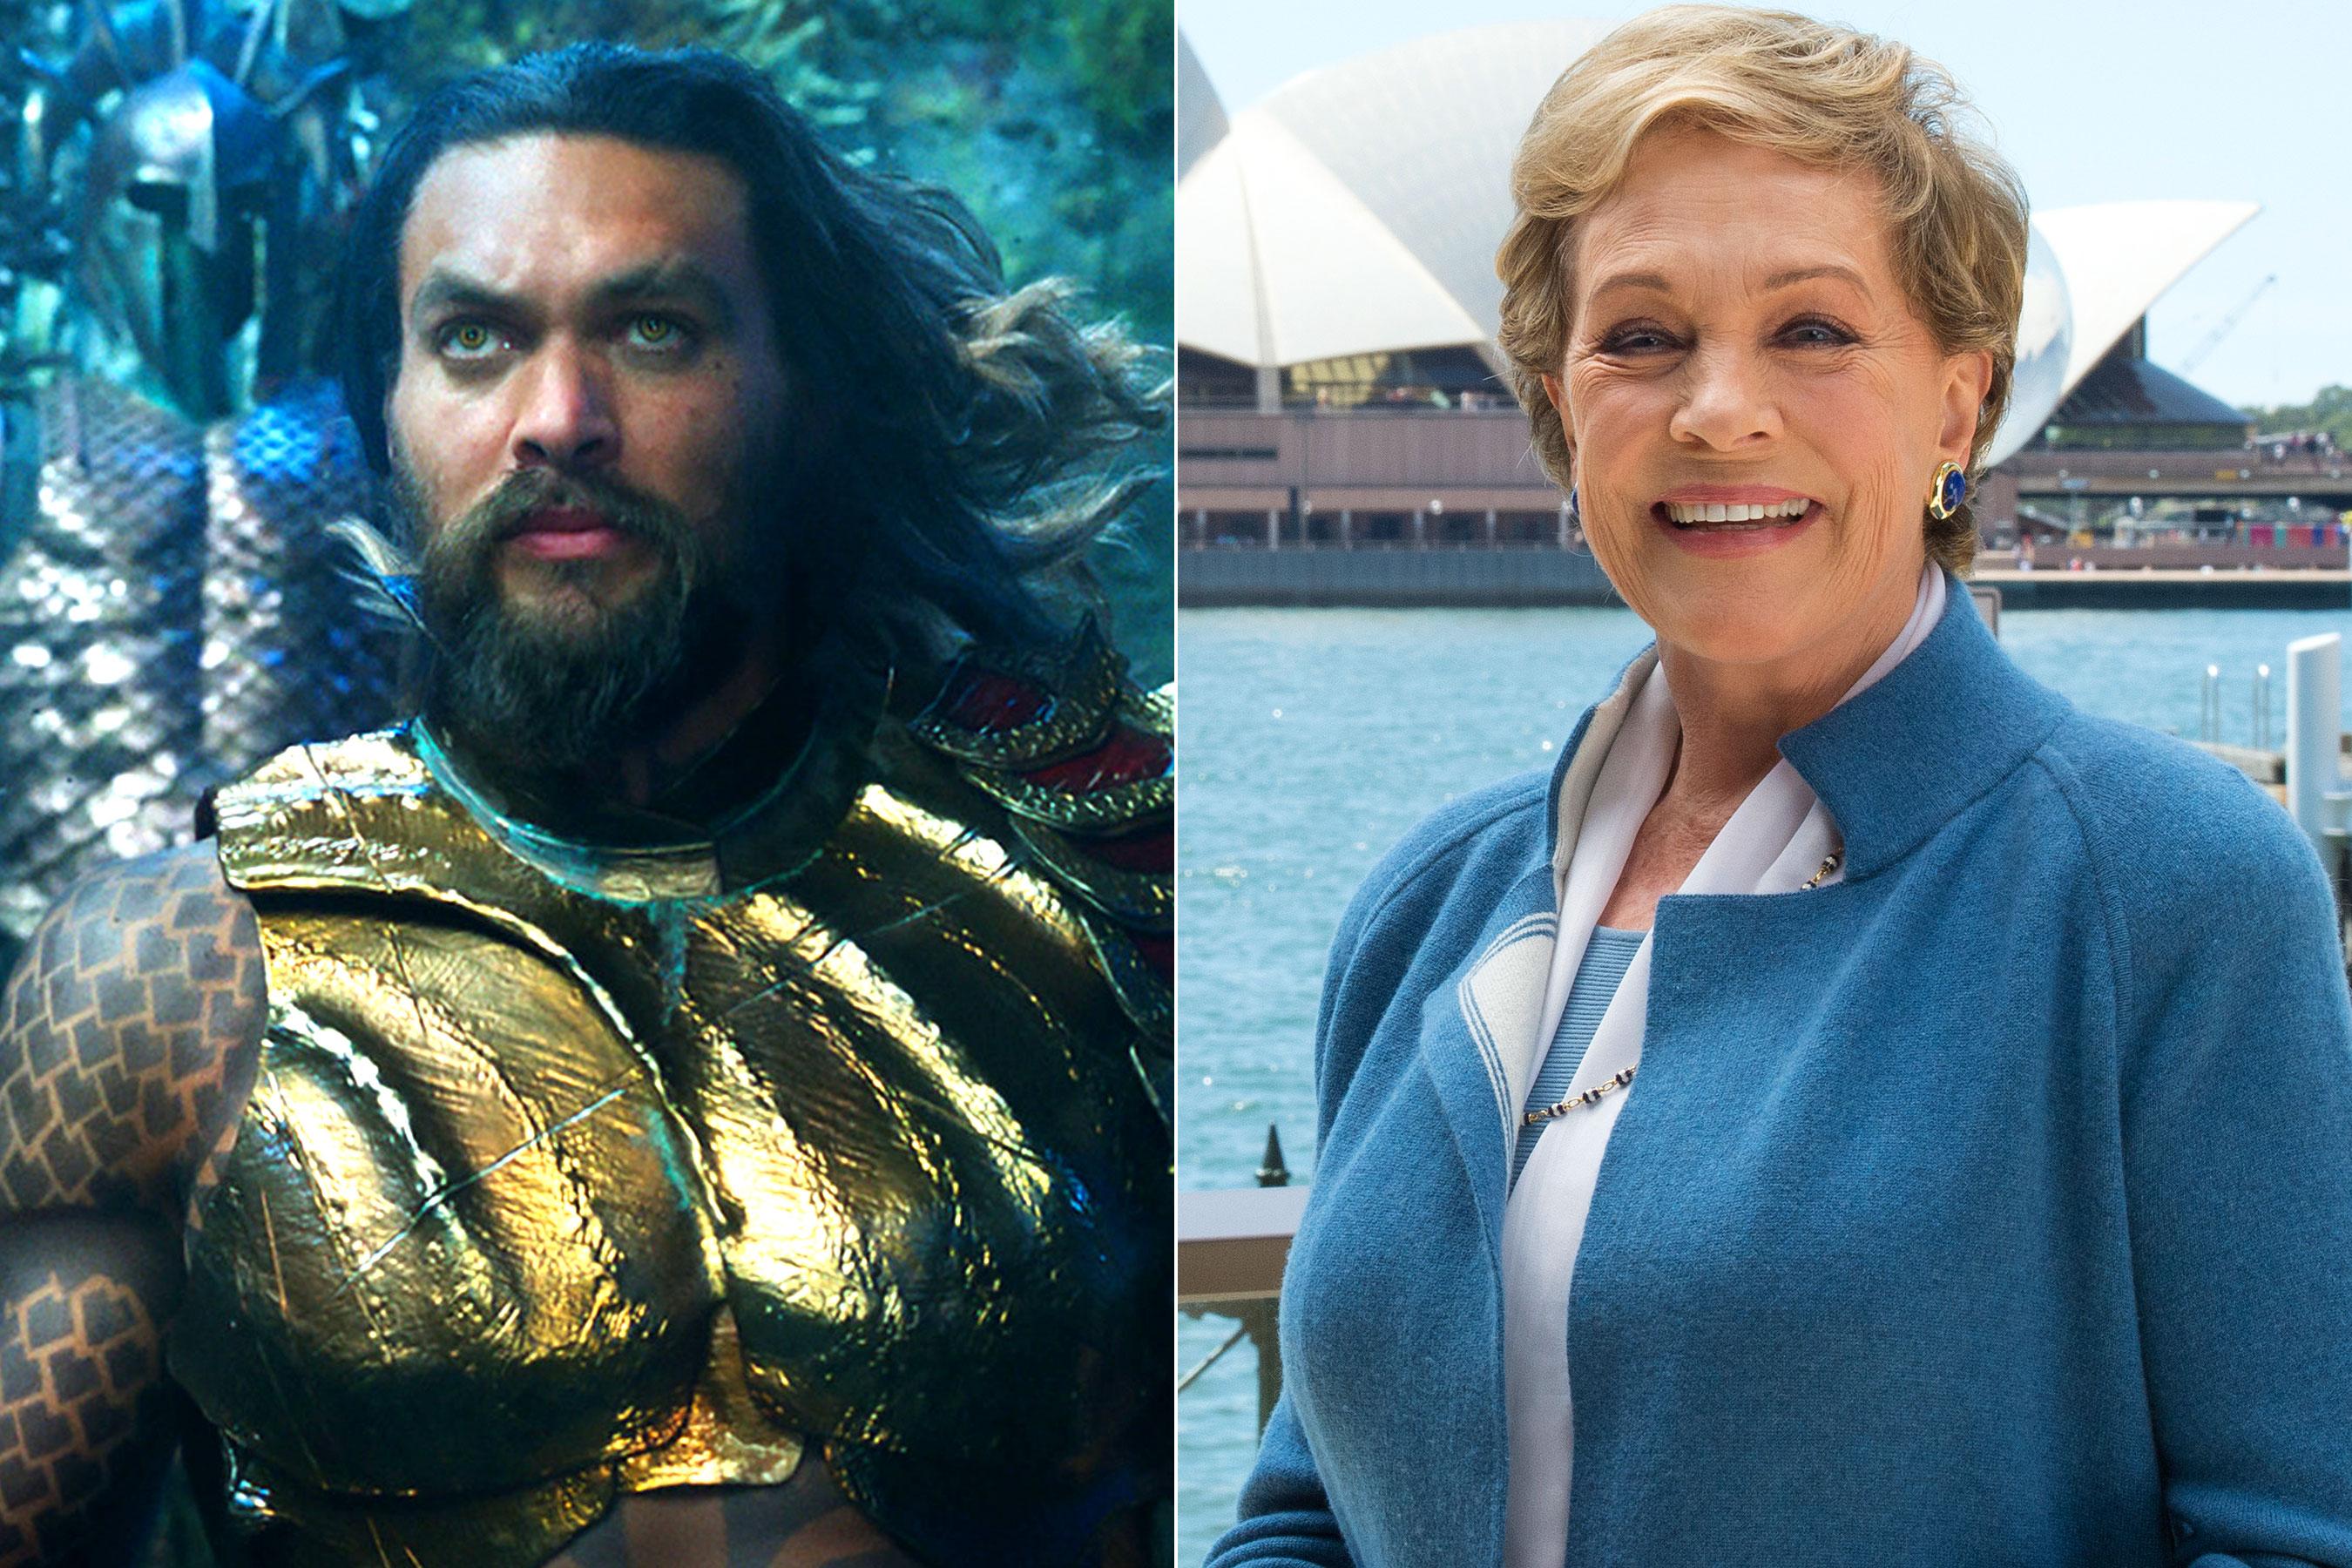 کارگردان Game of Thrones از فصل آخر این سریال میگوید